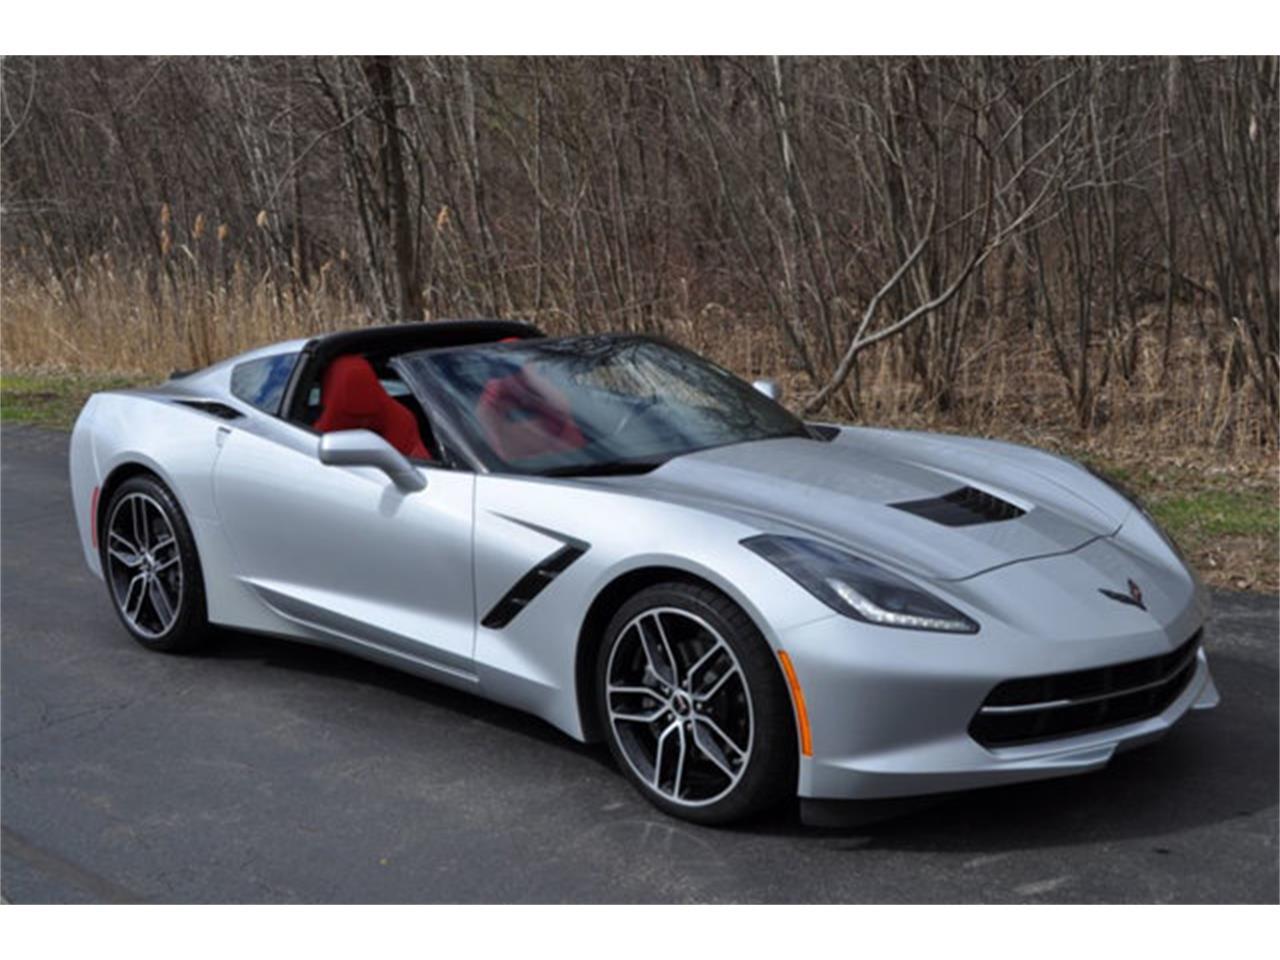 2015 Chevrolet Corvette (CC-1230751) for sale in Clifton Park, New York